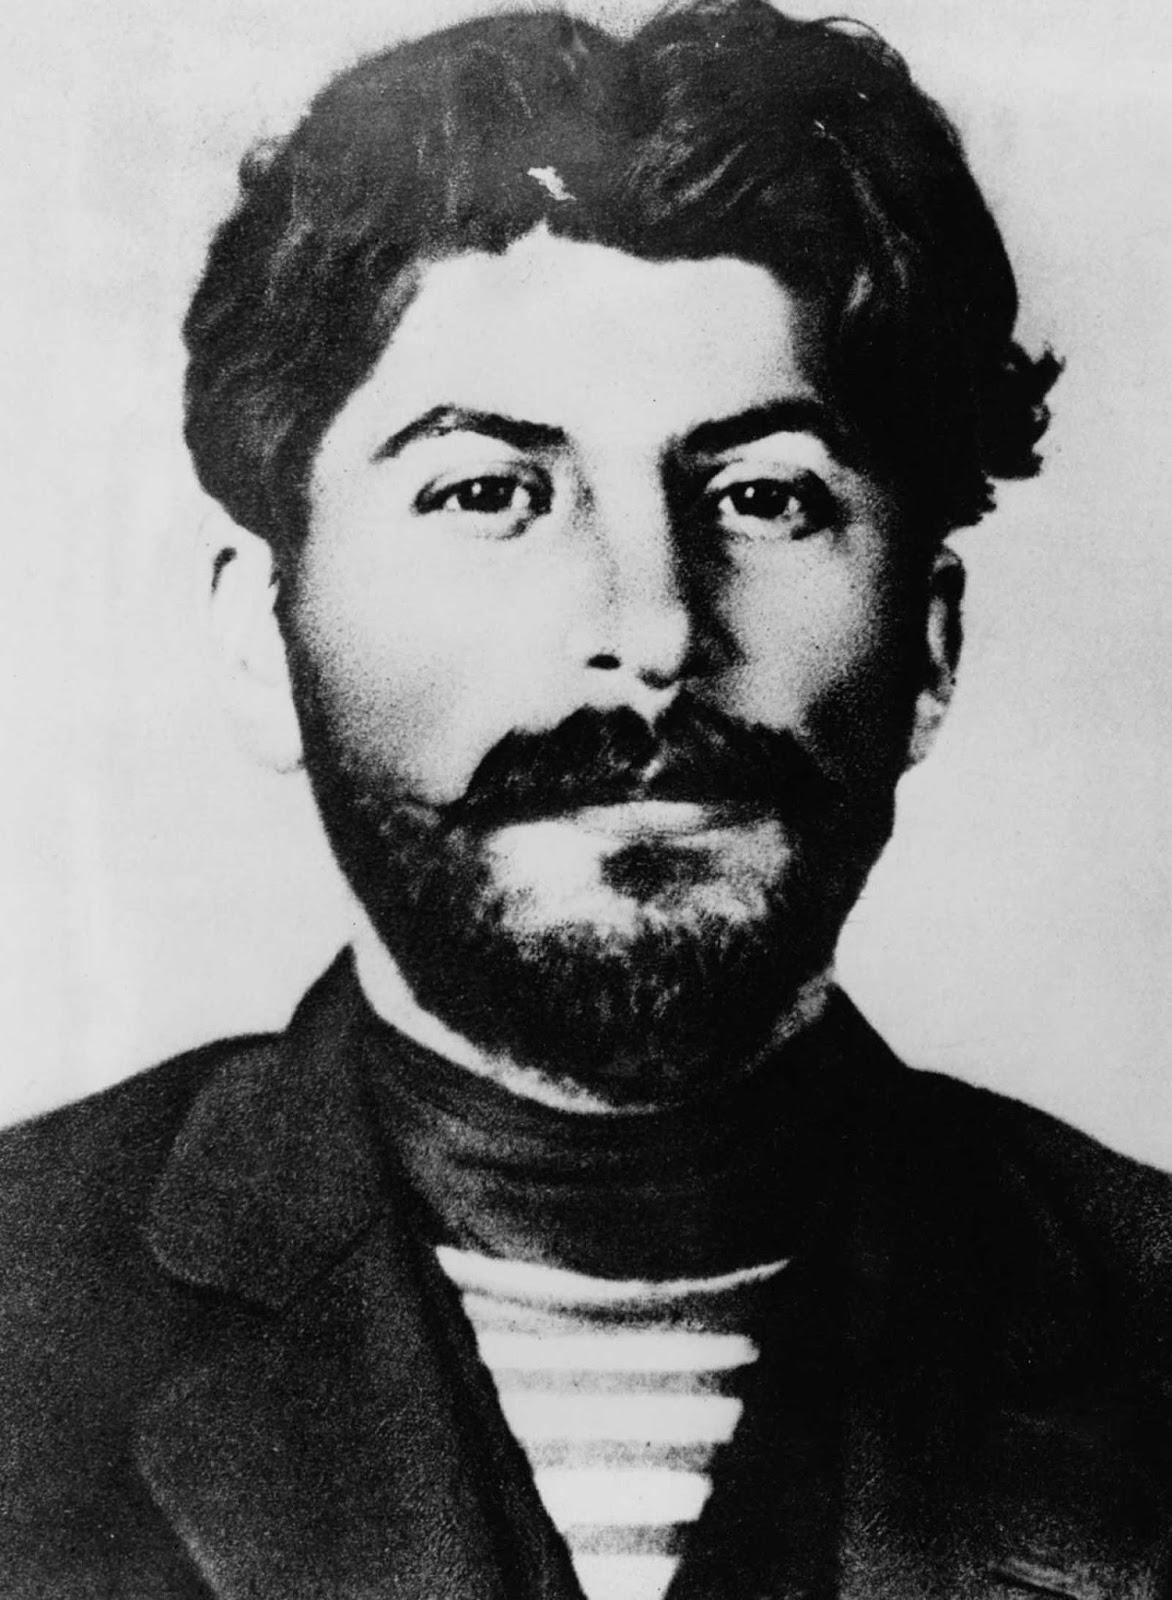 Stalin en 1911 después de su liberación del exilio.